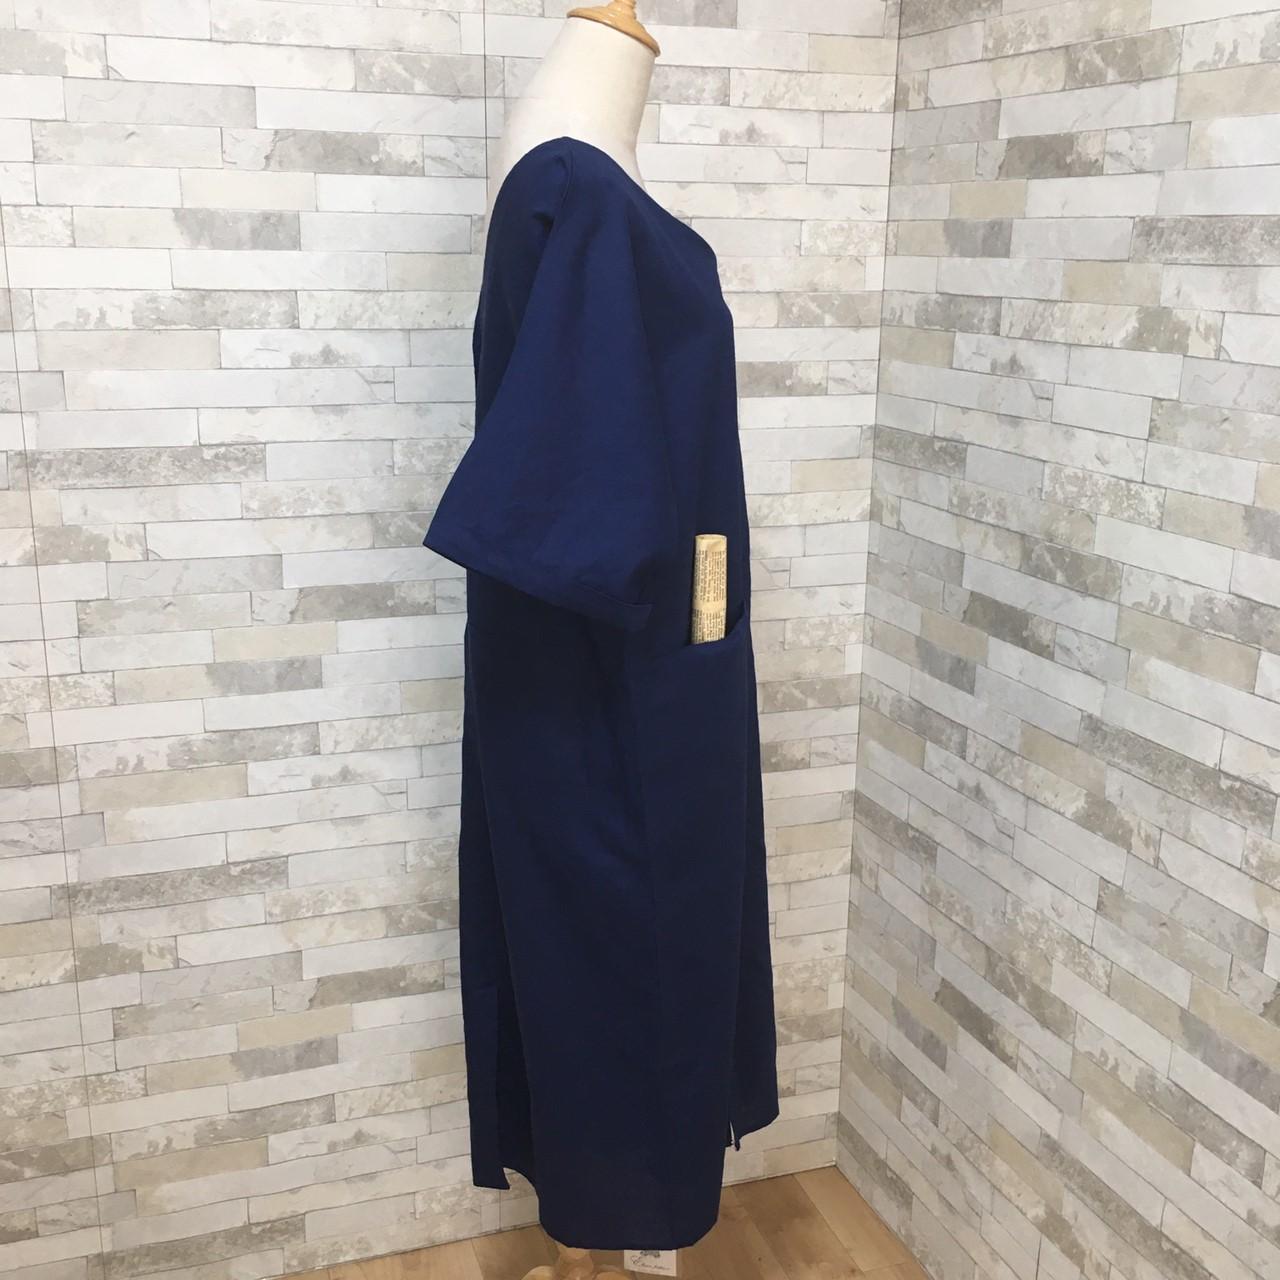 韓国 ファッション ワンピース 春 夏 秋 カジュアル PTXG330  チュラルテイスト リゾートワンピース リネン風 オルチャン シンプル 定番 セレカジの写真16枚目